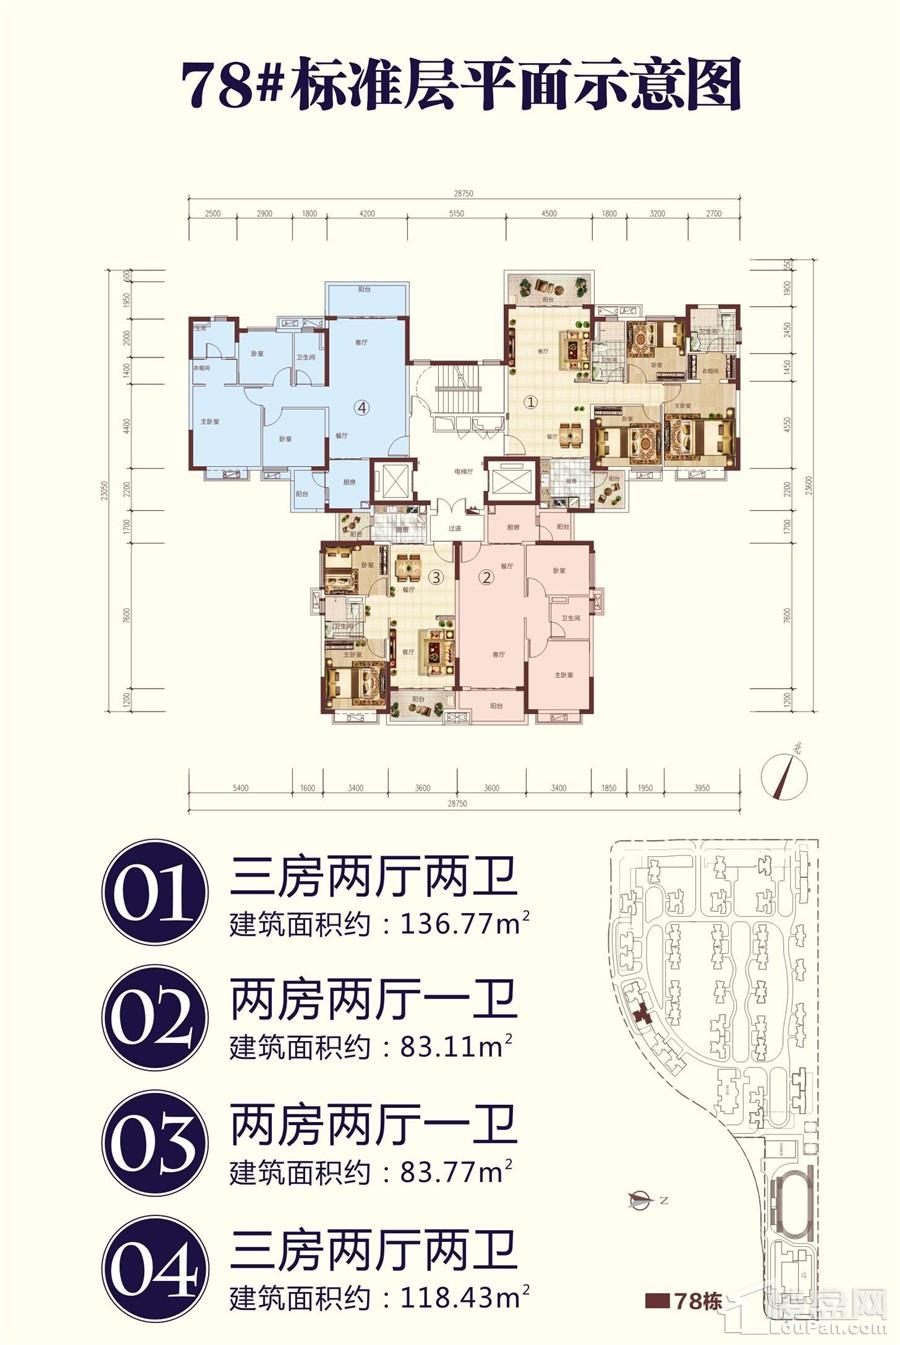 南宁恒大绿洲 78#楼平面户型图